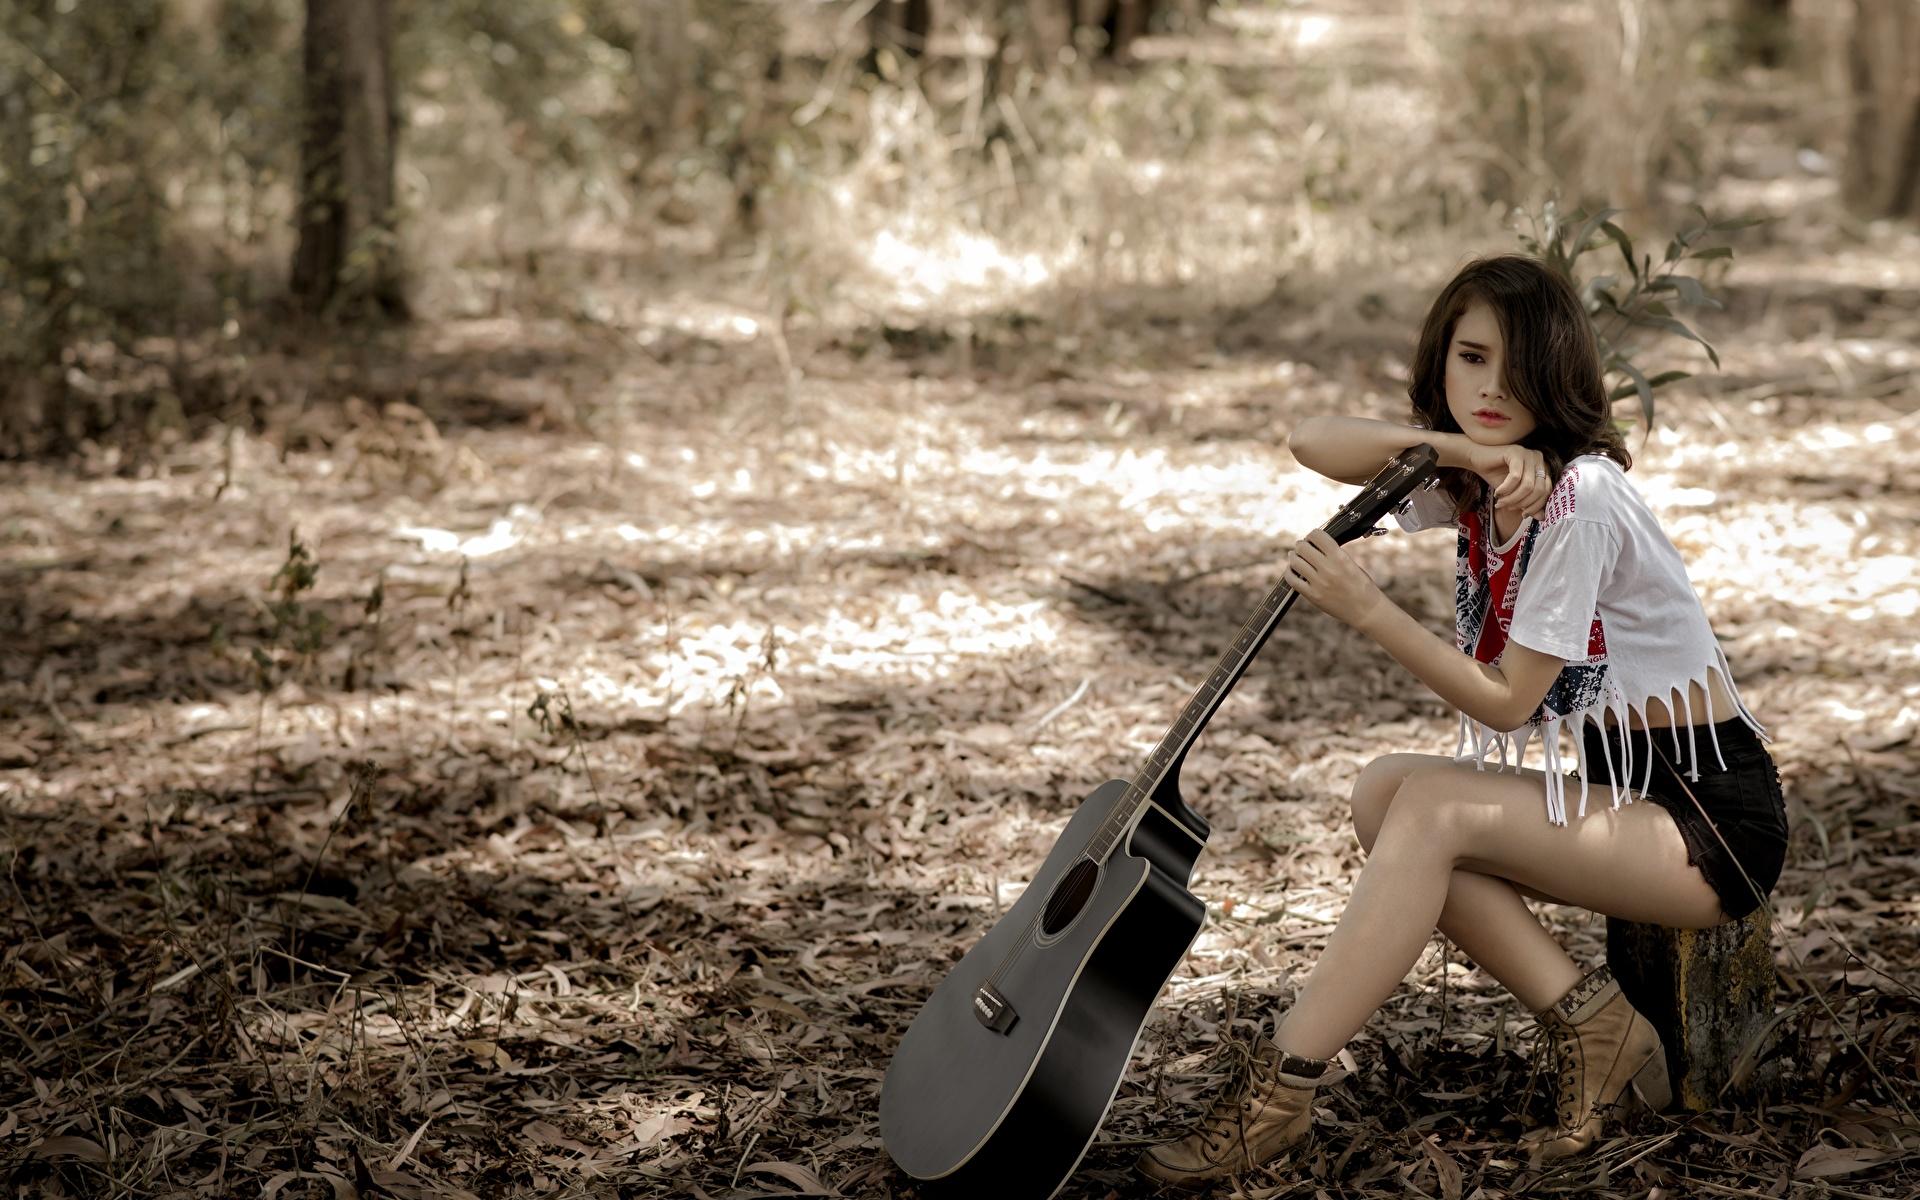 Картинка брюнеток гитары девушка азиатки шорт сидящие 1920x1200 брюнетки Брюнетка Гитара с гитарой Девушки молодая женщина молодые женщины Азиаты азиатка сидя Шорты Сидит шортах